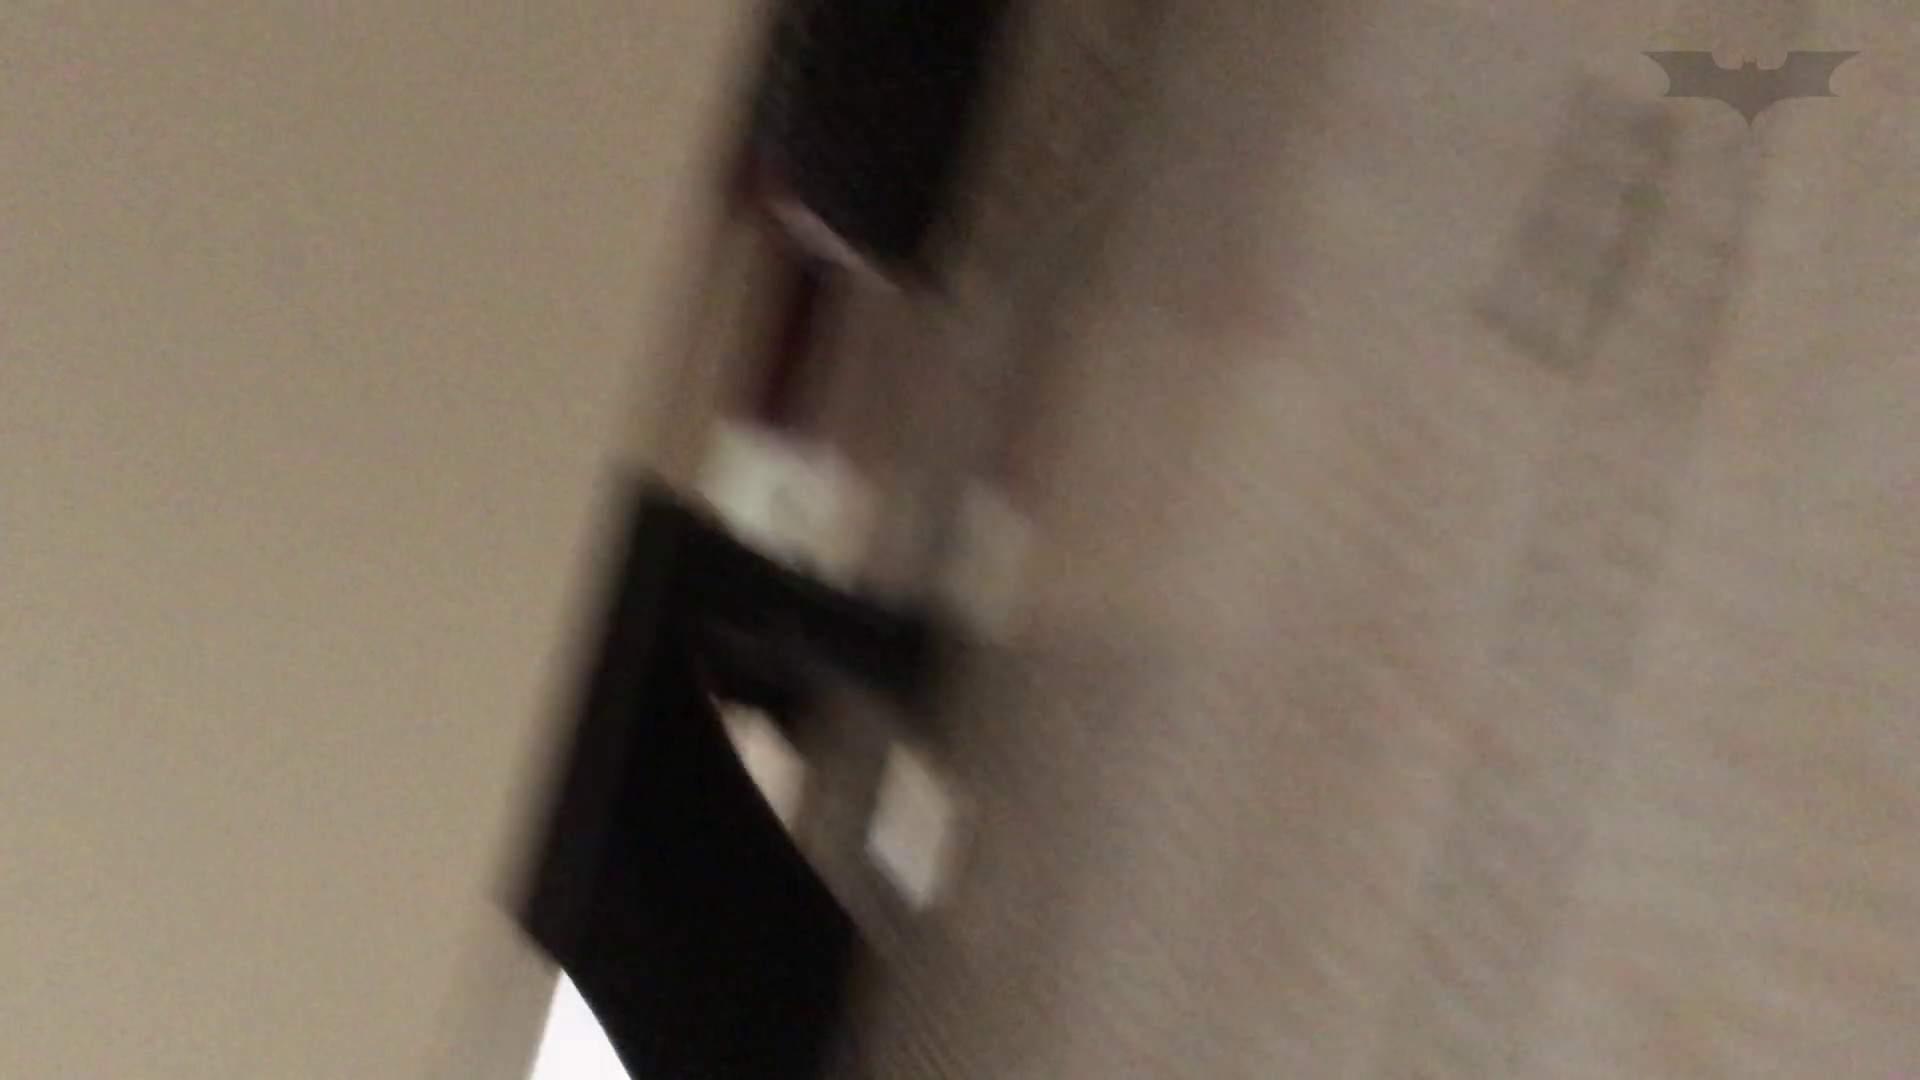 芸術大学ガチ潜入盗撮 JD盗撮 美女の洗面所の秘密 Vol.111 美女のボディ  49PIX 42